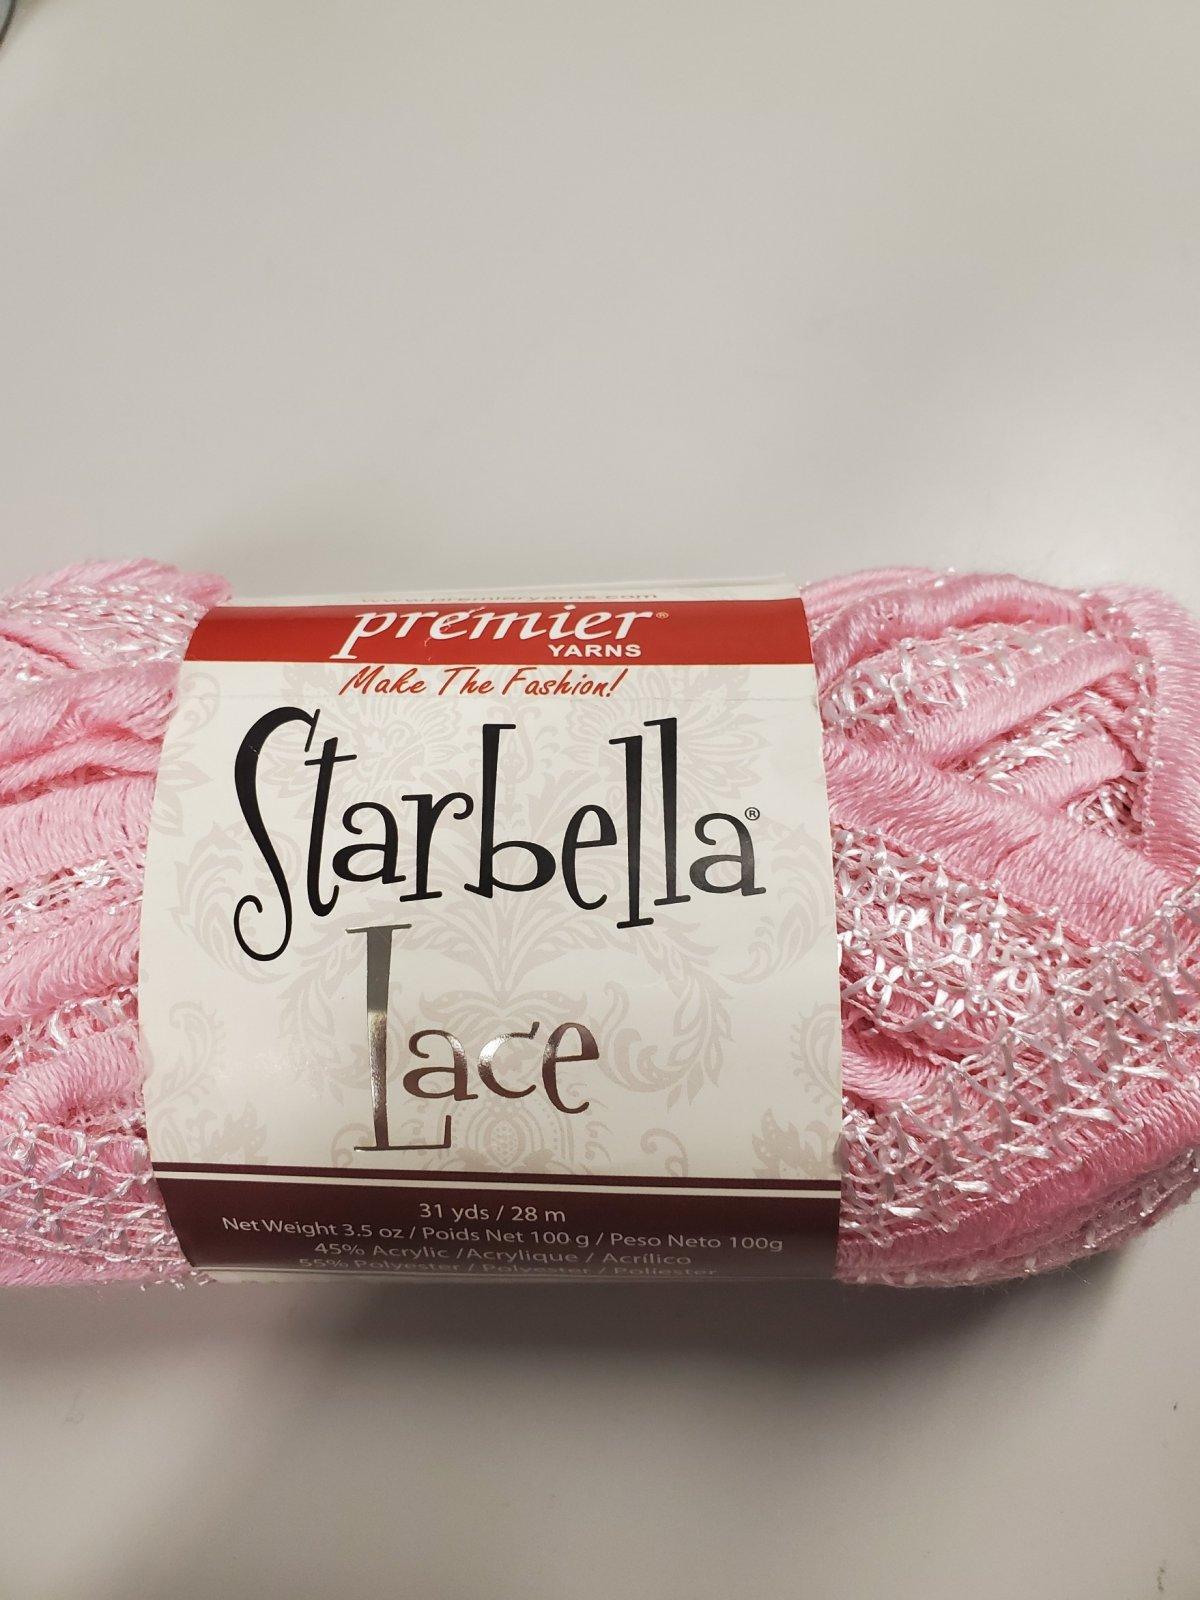 starbella lace